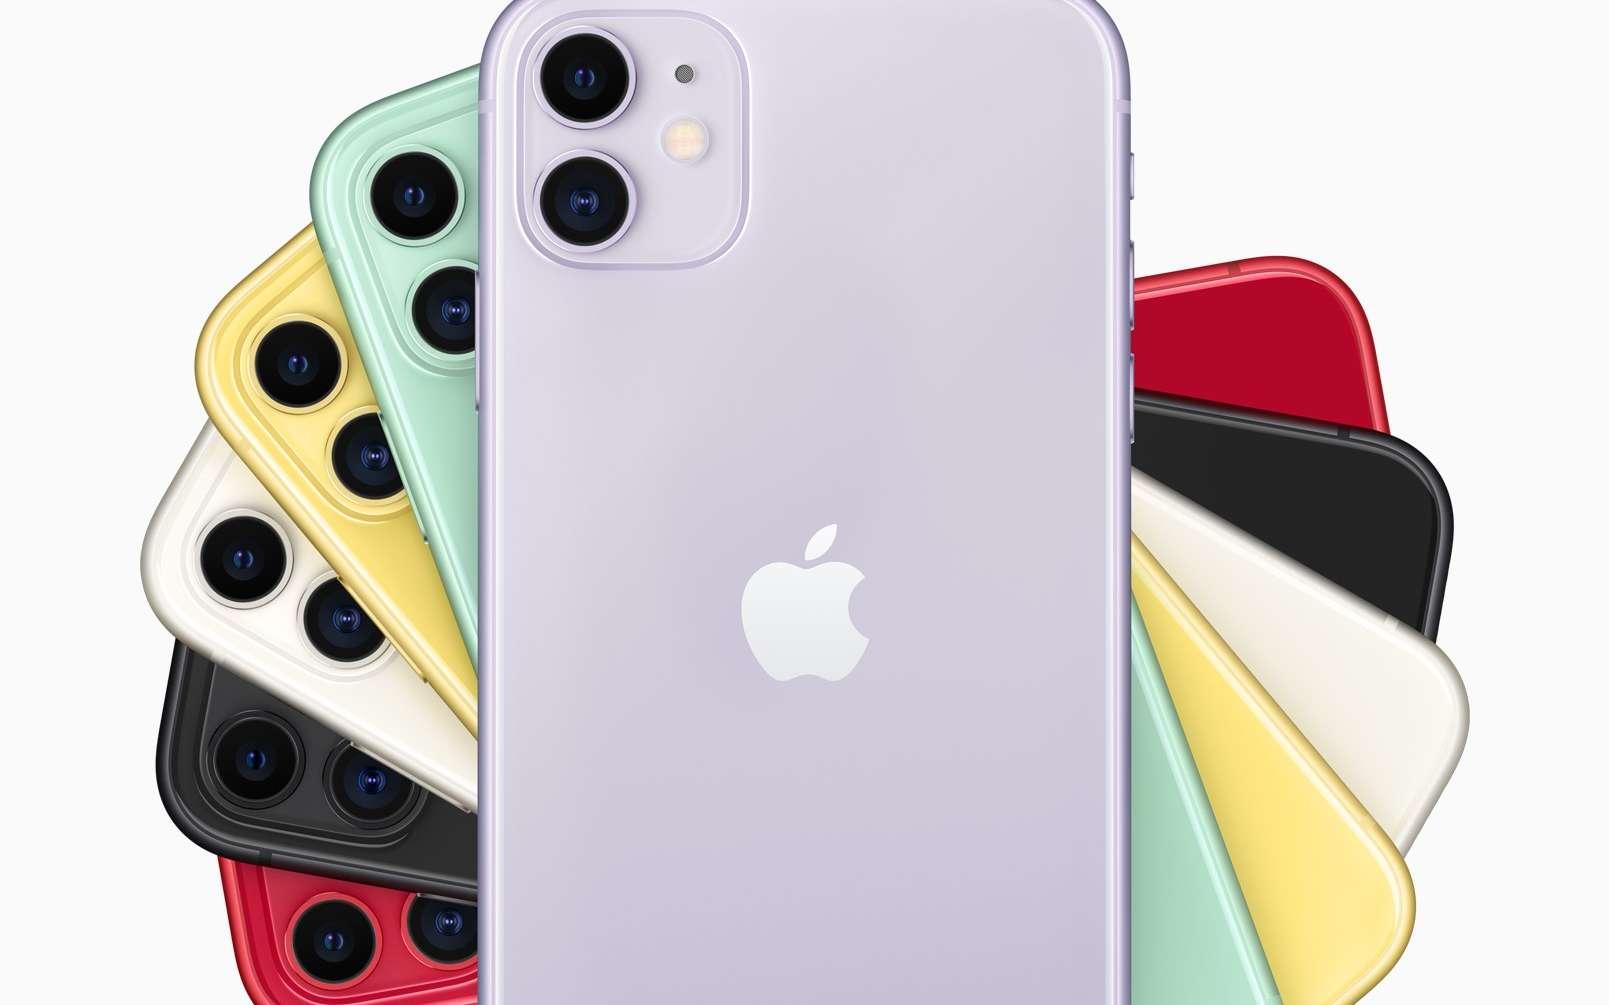 Deux capteurs à l'arrière de l'iPhone pour de plus beaux clichés, dans toutes les conditions © Apple